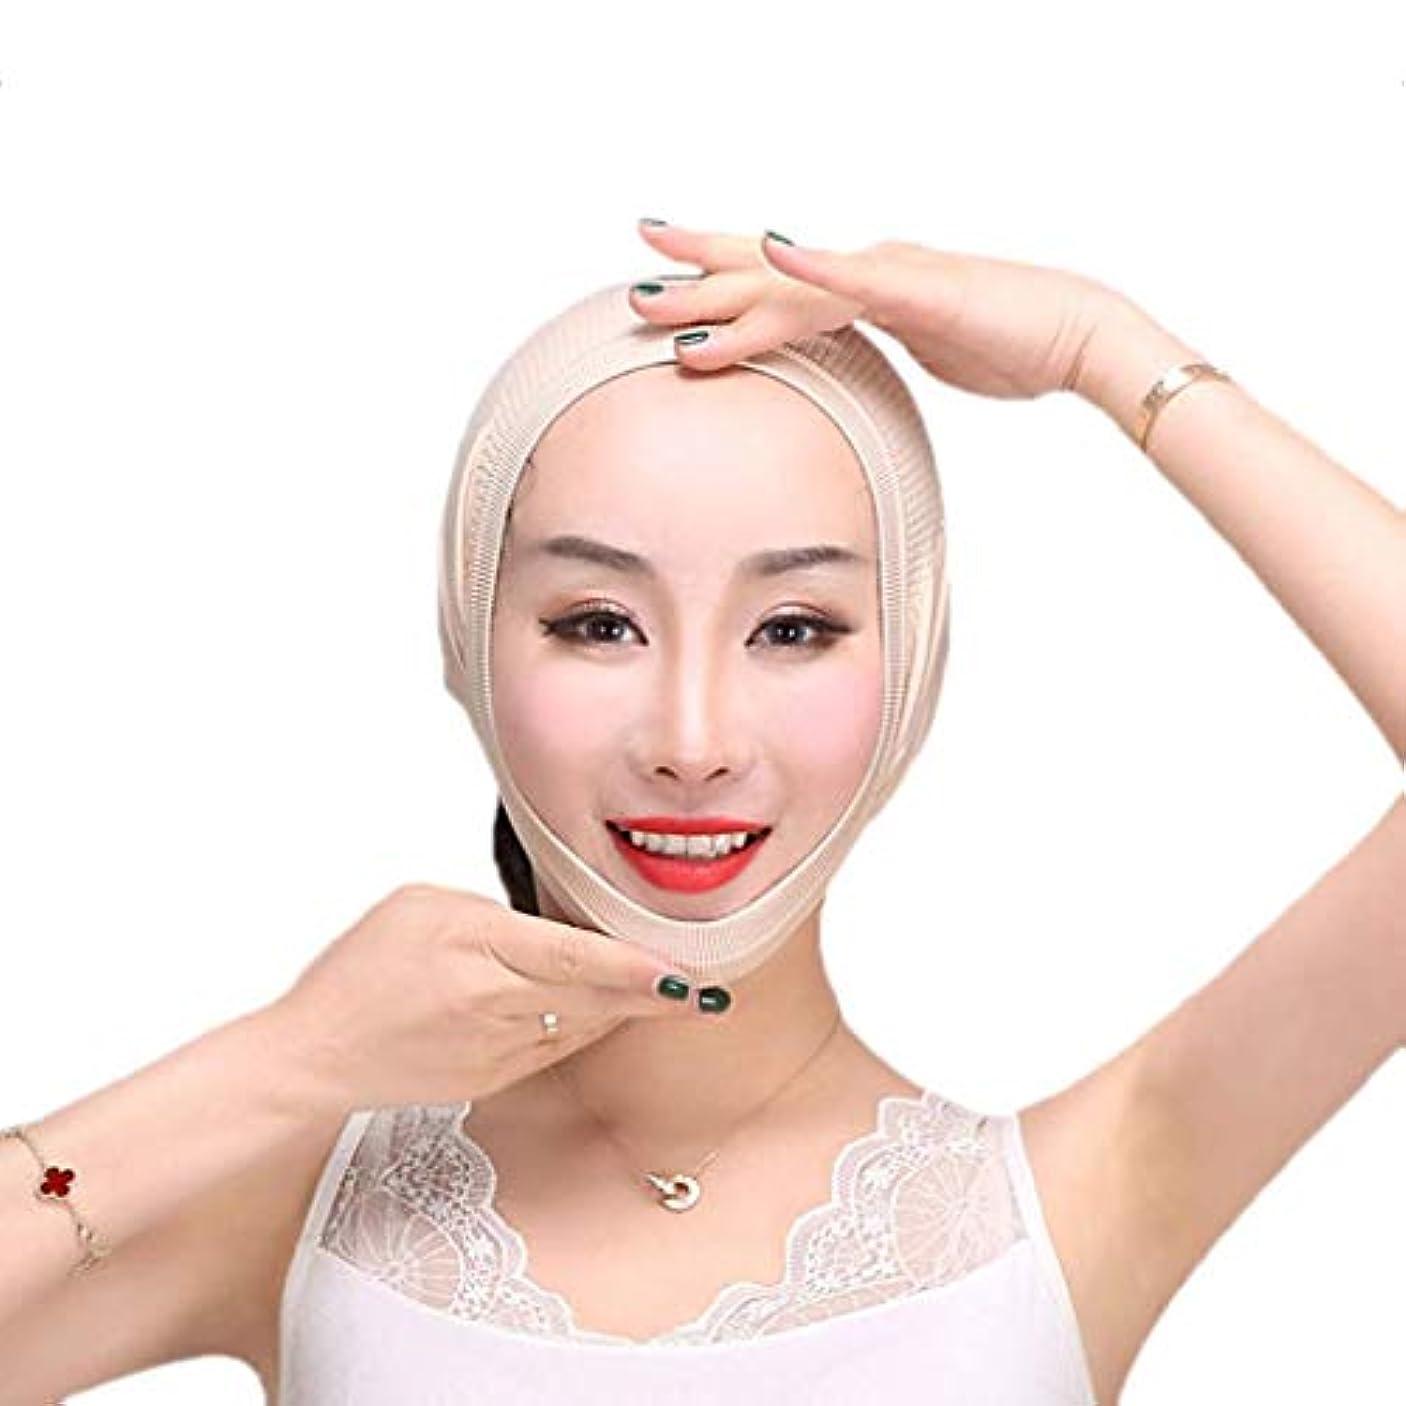 それらメインサワーフェイスリフトマスク、フェイススリミングマスク、チンストラップ、フェイスマッサージ、フェイシャル減量マスク、チンリフティングベルト(ワンサイズ)